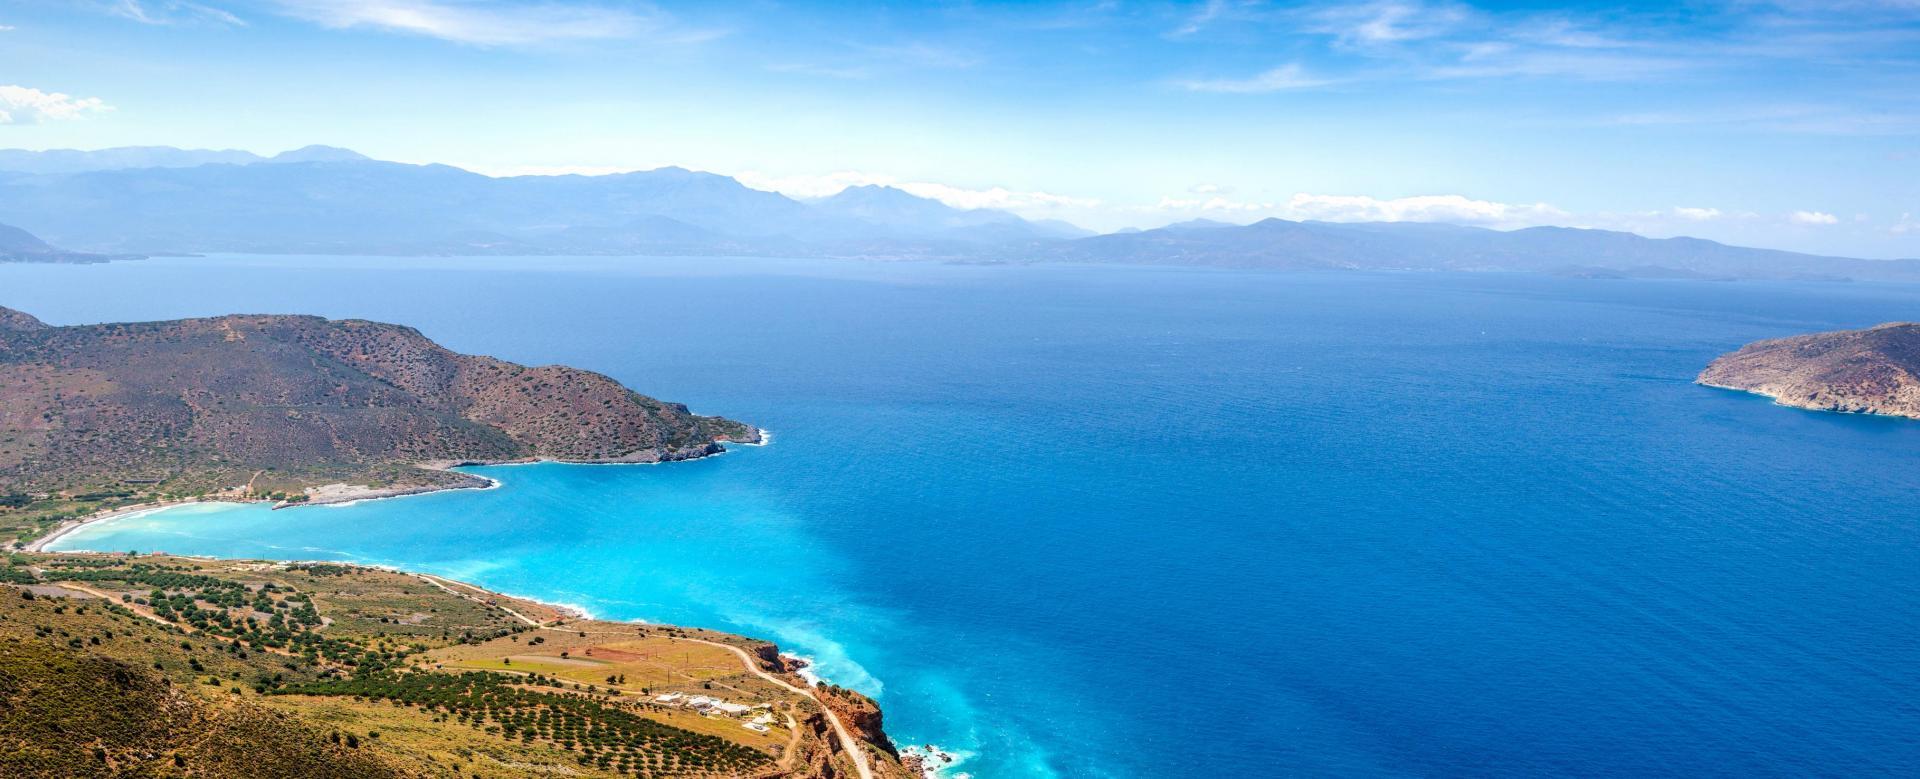 Voyage à pied : La crète orientale